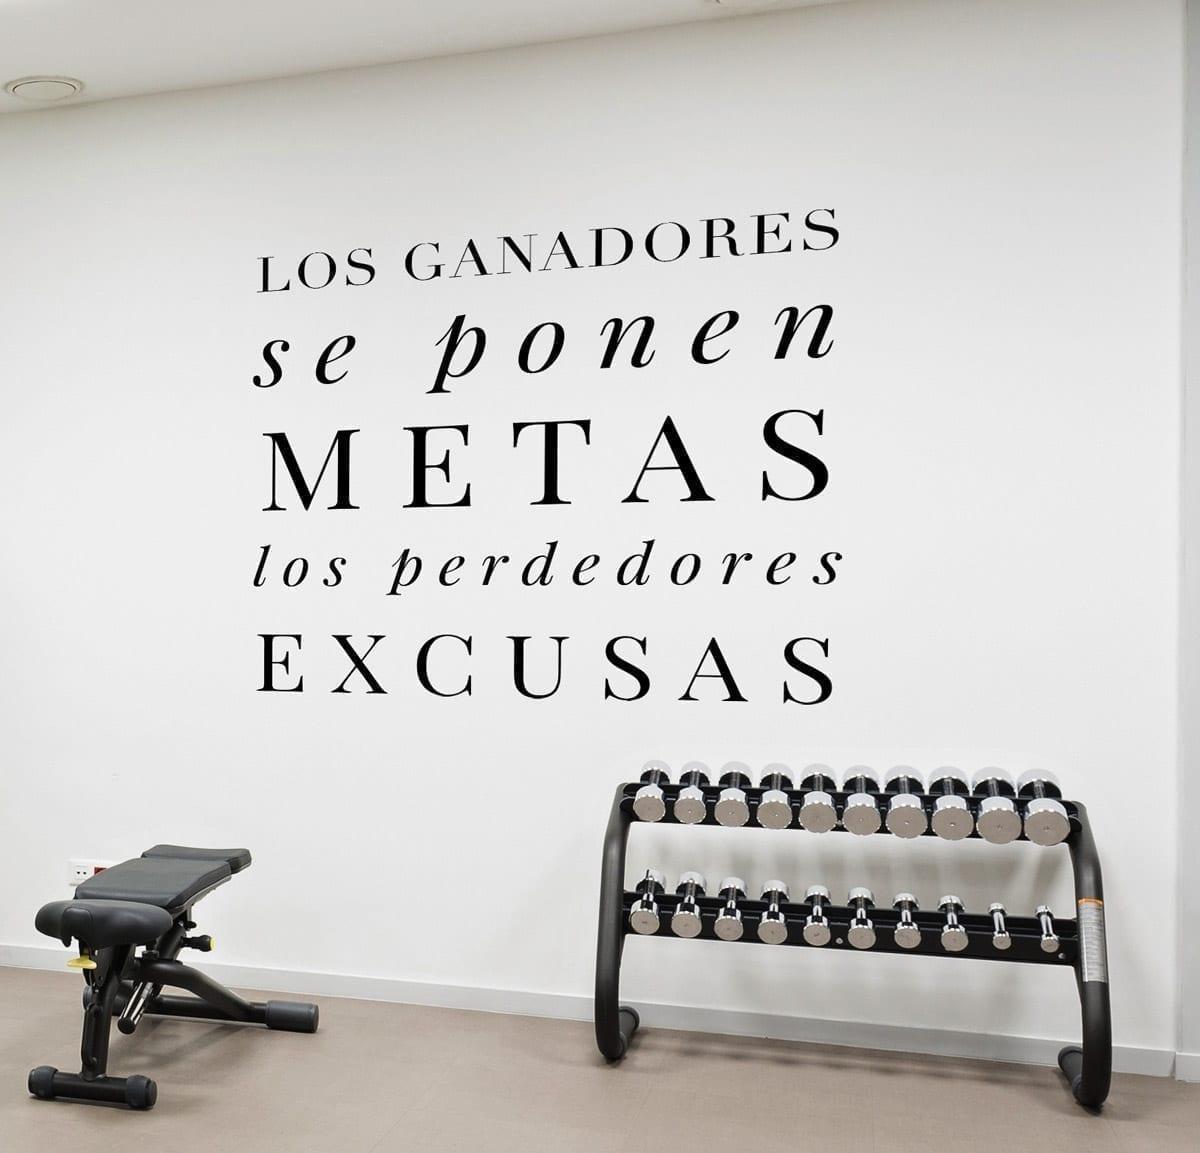 Los ganadores imagenes motivadoras para el gym for Frases en vinilo para pared